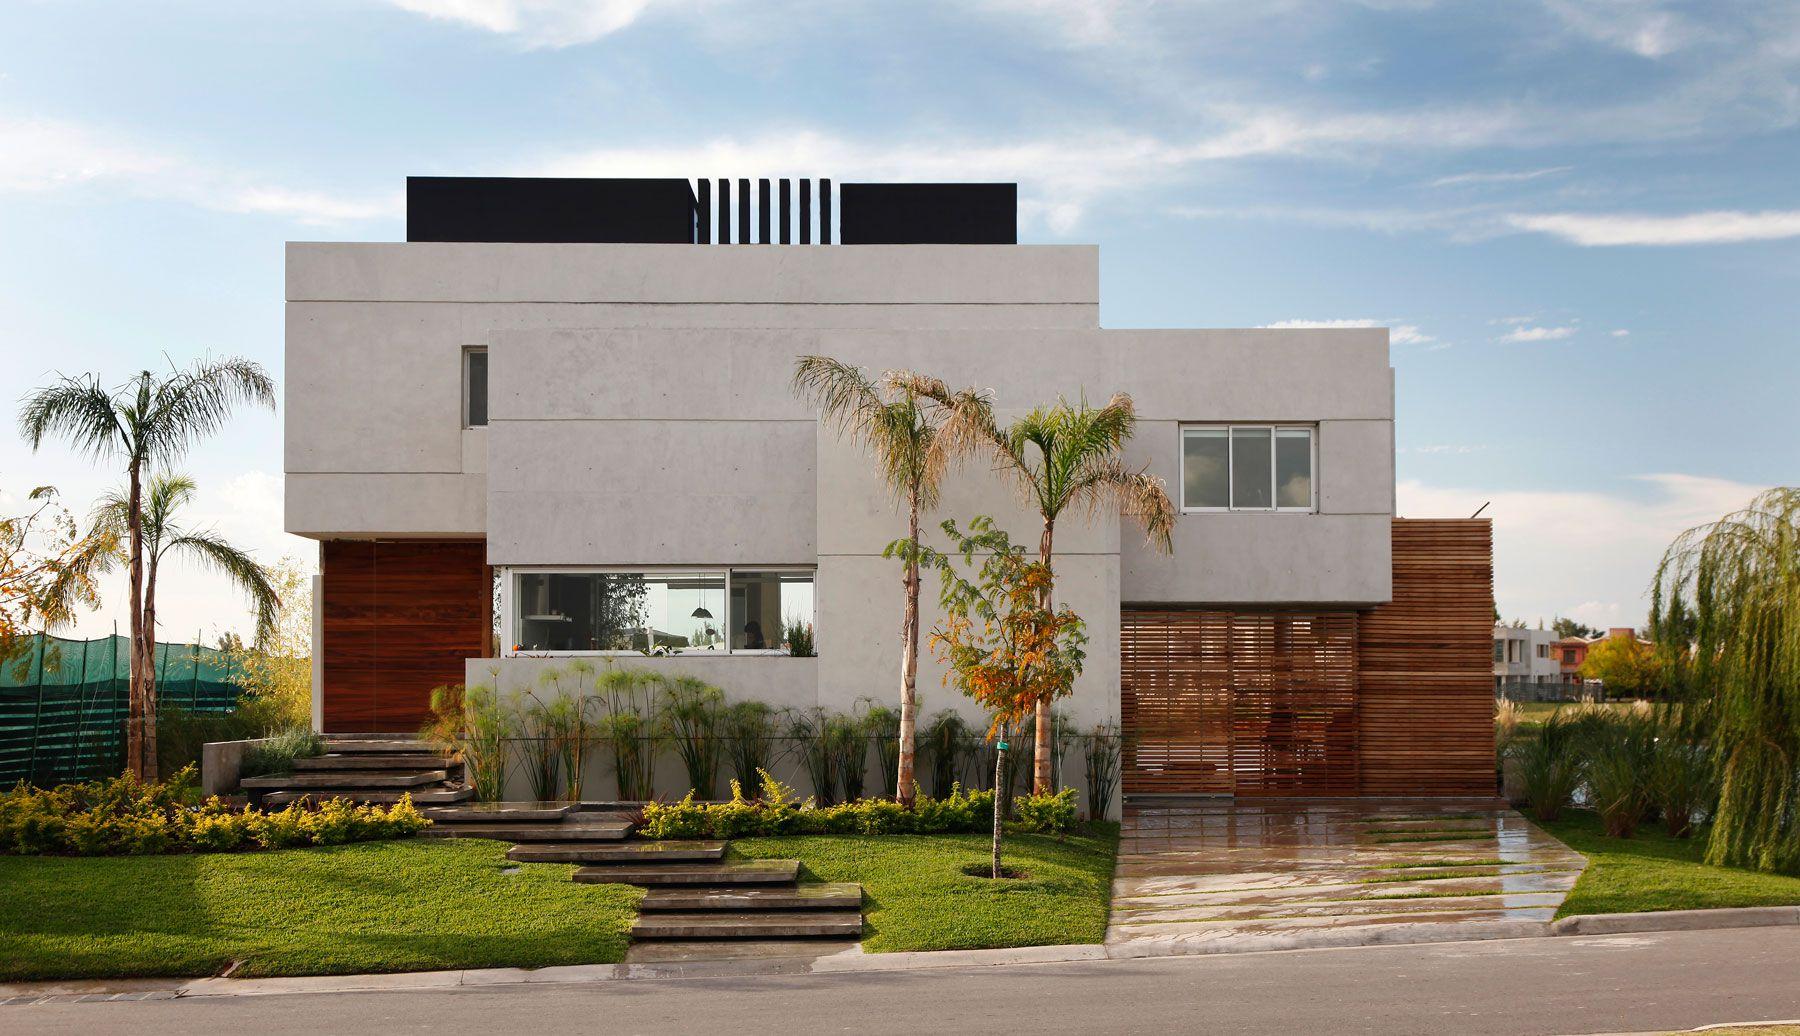 casa del caboandres remy arquitectos - caandesign